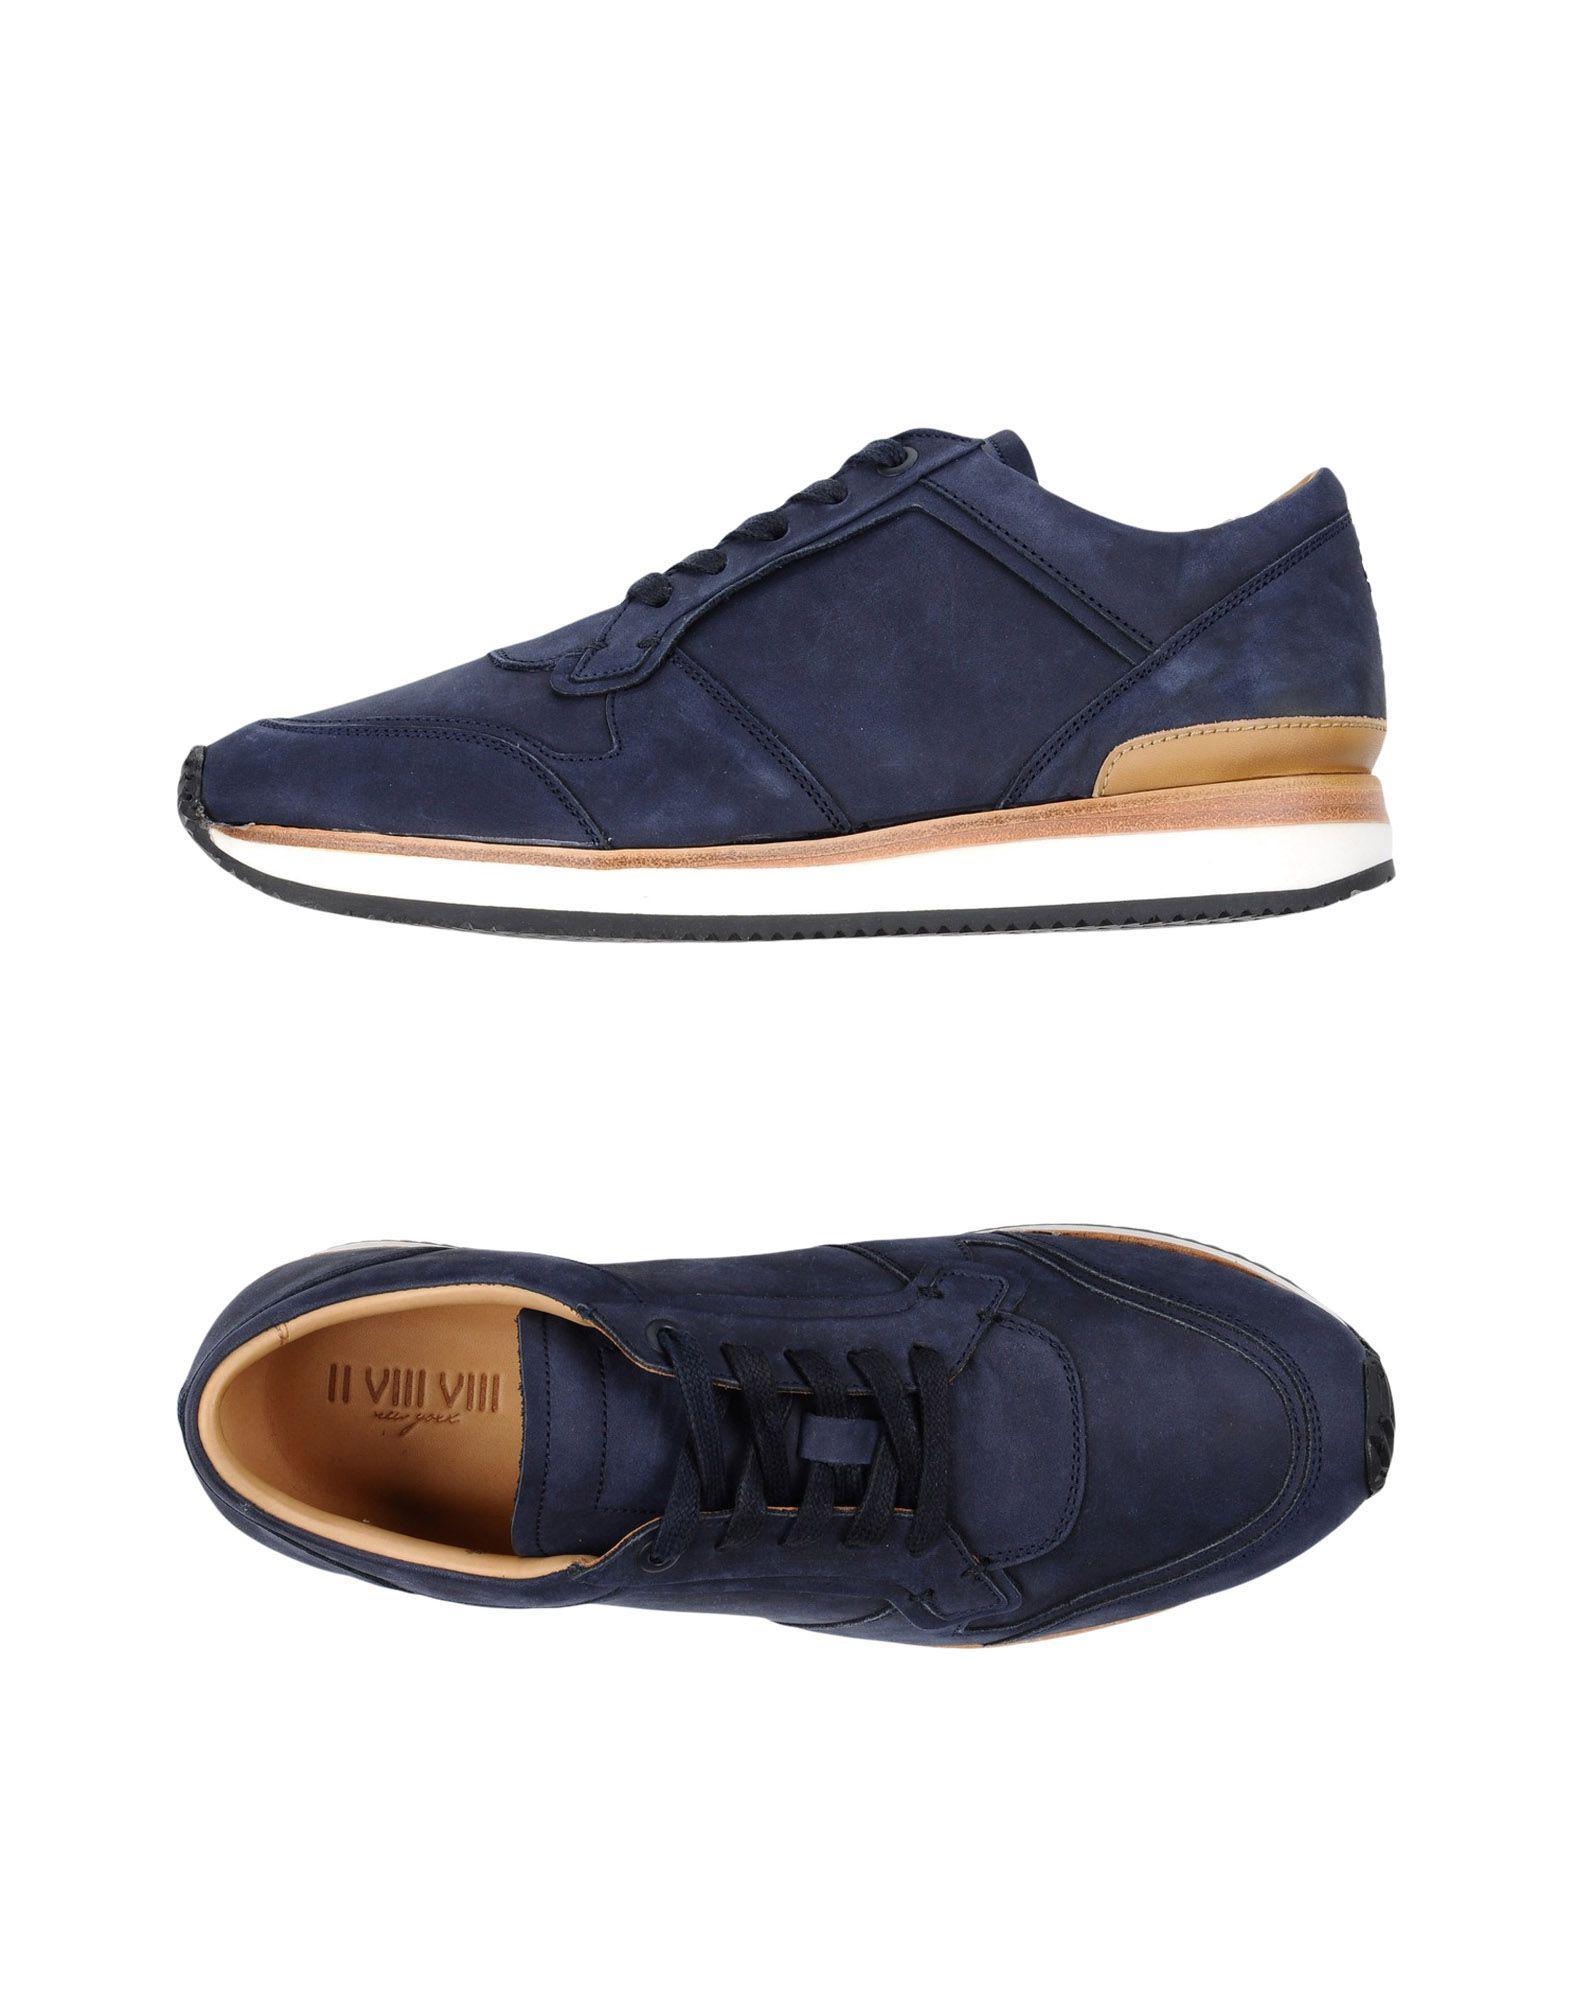 Ii Viii Viii - N ° 288 Bas-tops & Chaussures T7s6uUS